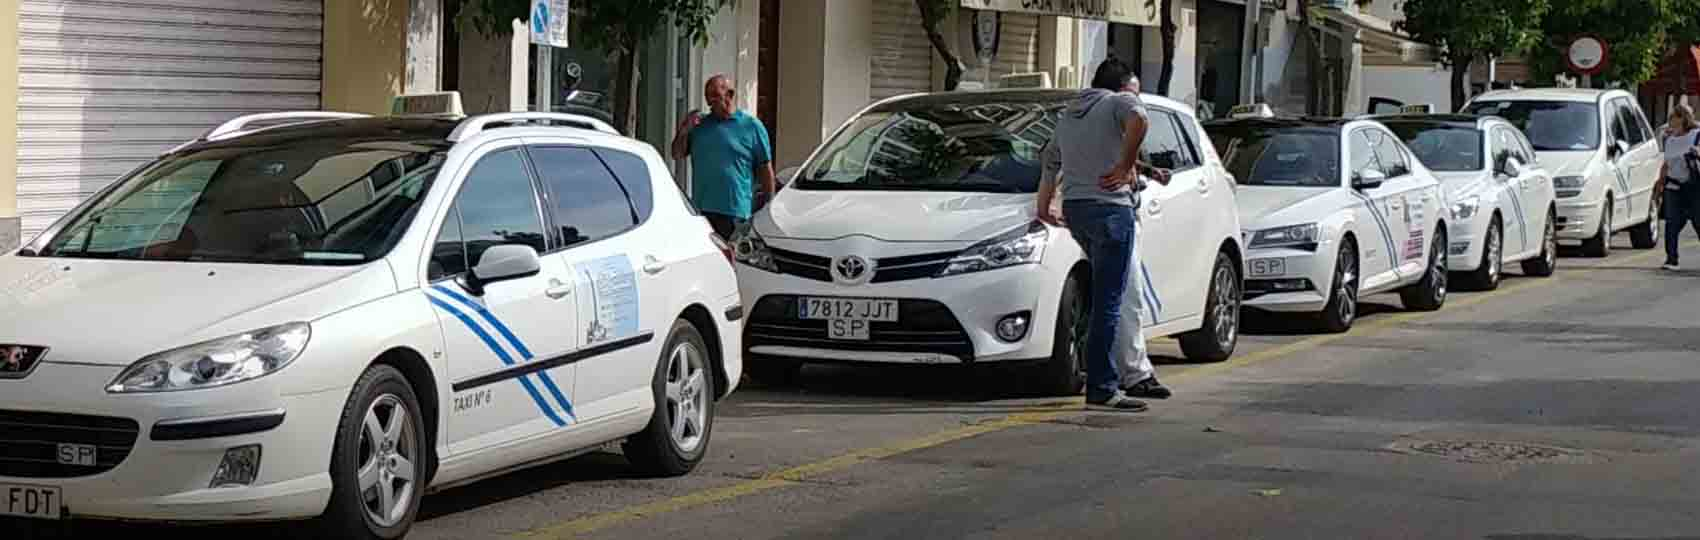 Noticias del sector del taxi y la movilidad en Cádiz. Mantente informado de todas las noticias del taxi de Cádiz en el grupo de Facebook de Todo Taxi.